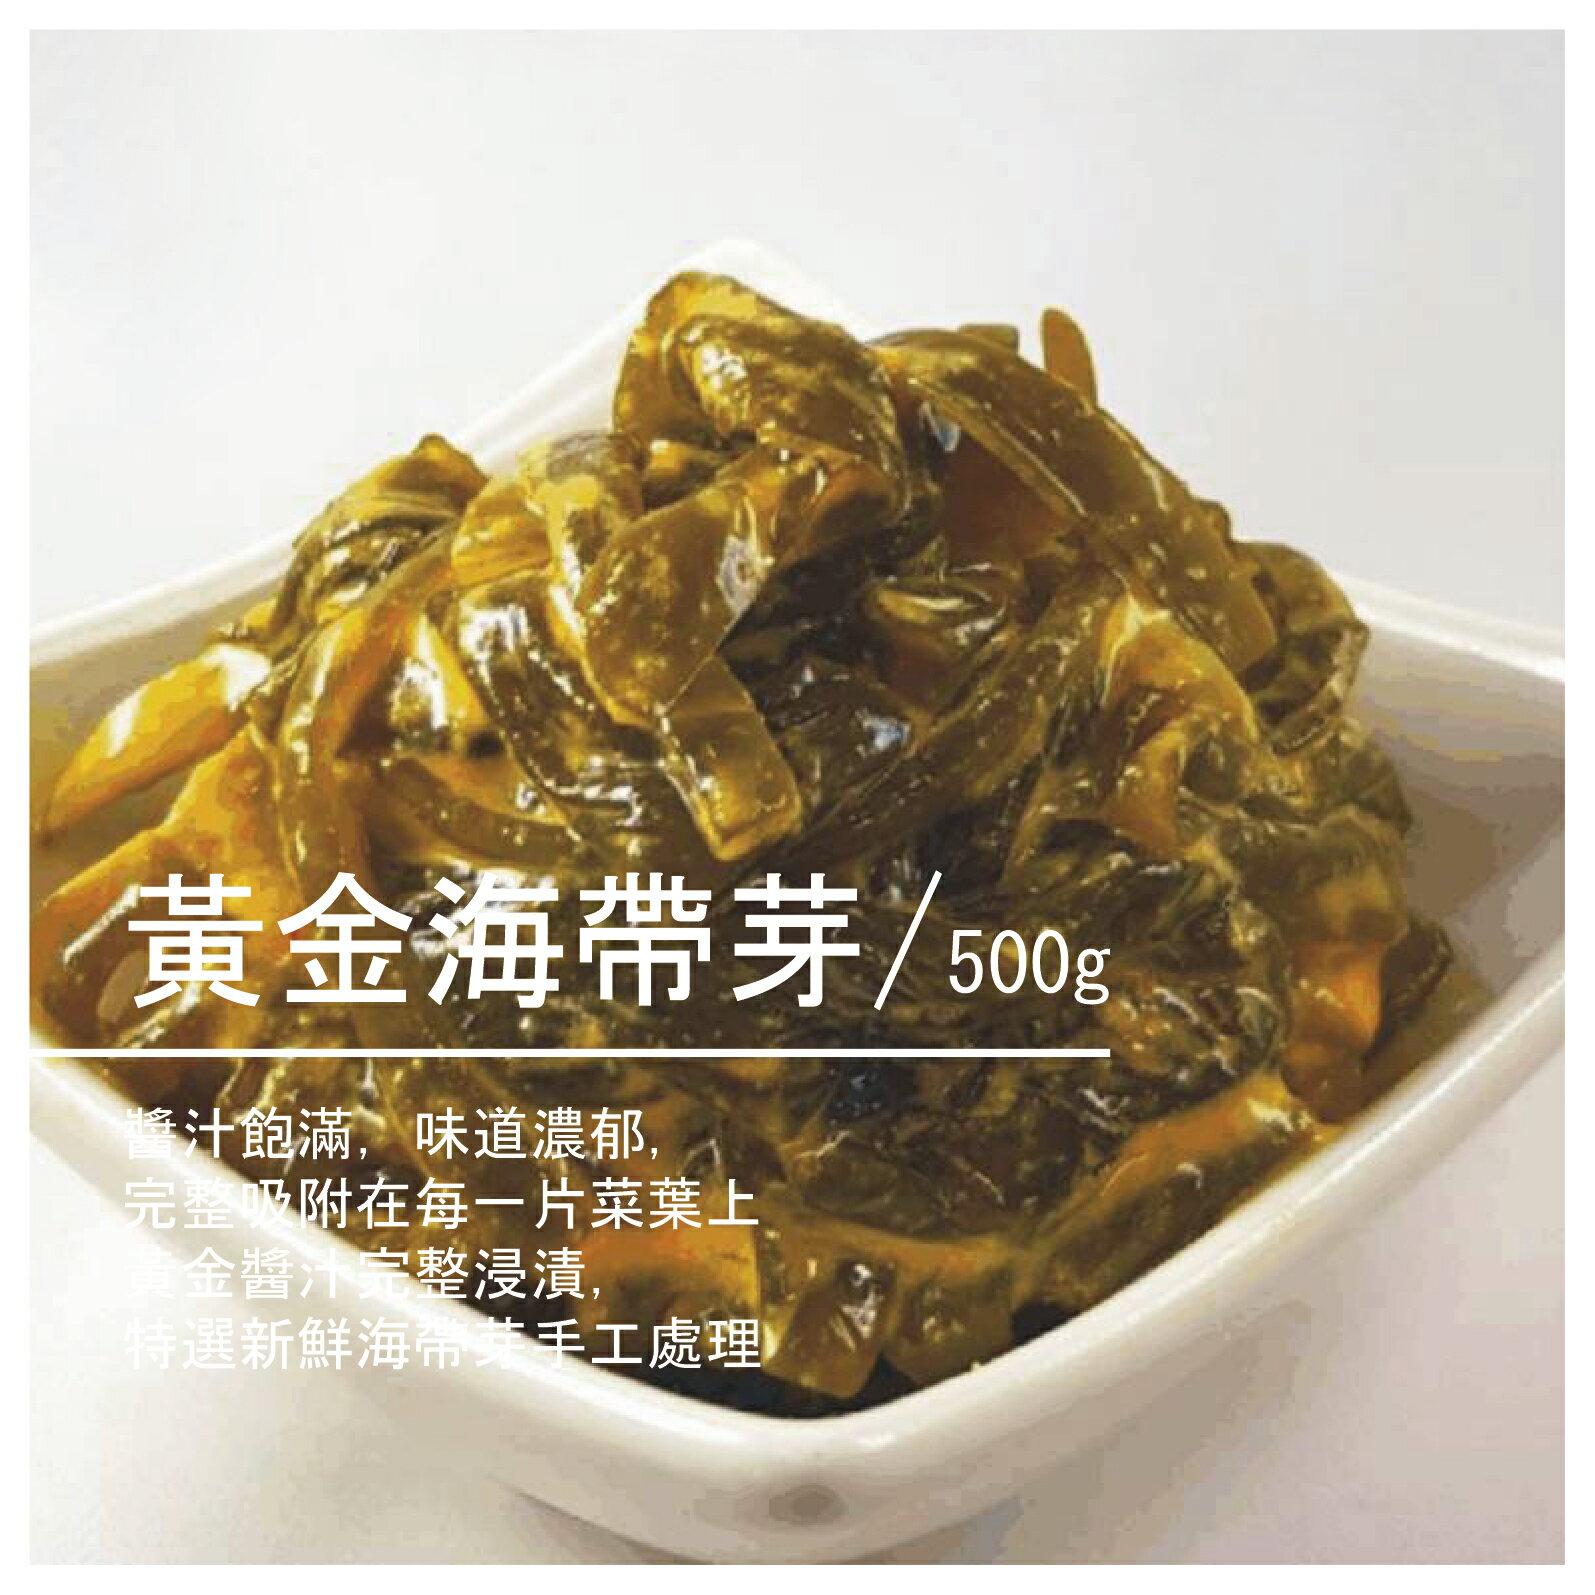 【街角Mr.Lin 手作黃金泡菜】黃金海帶芽 /500g